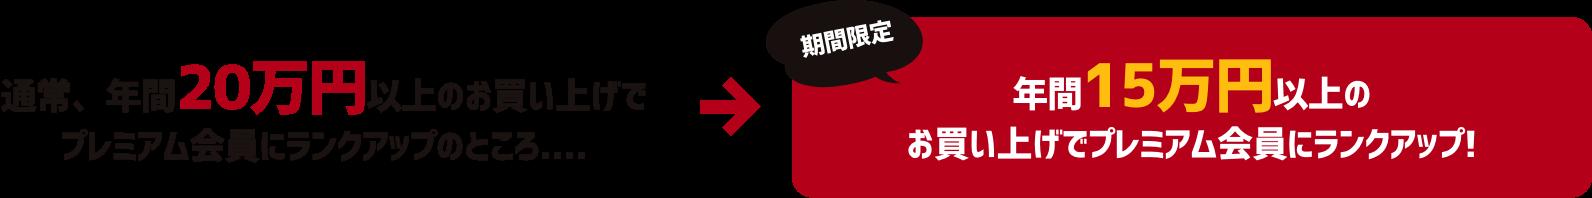 通常、年間20万円以上のお買い上げでプレミアム会員にランクアップのところ…→『期間限定』年間15万円以上のお買い上げでプレミアム会員にランクアップ!